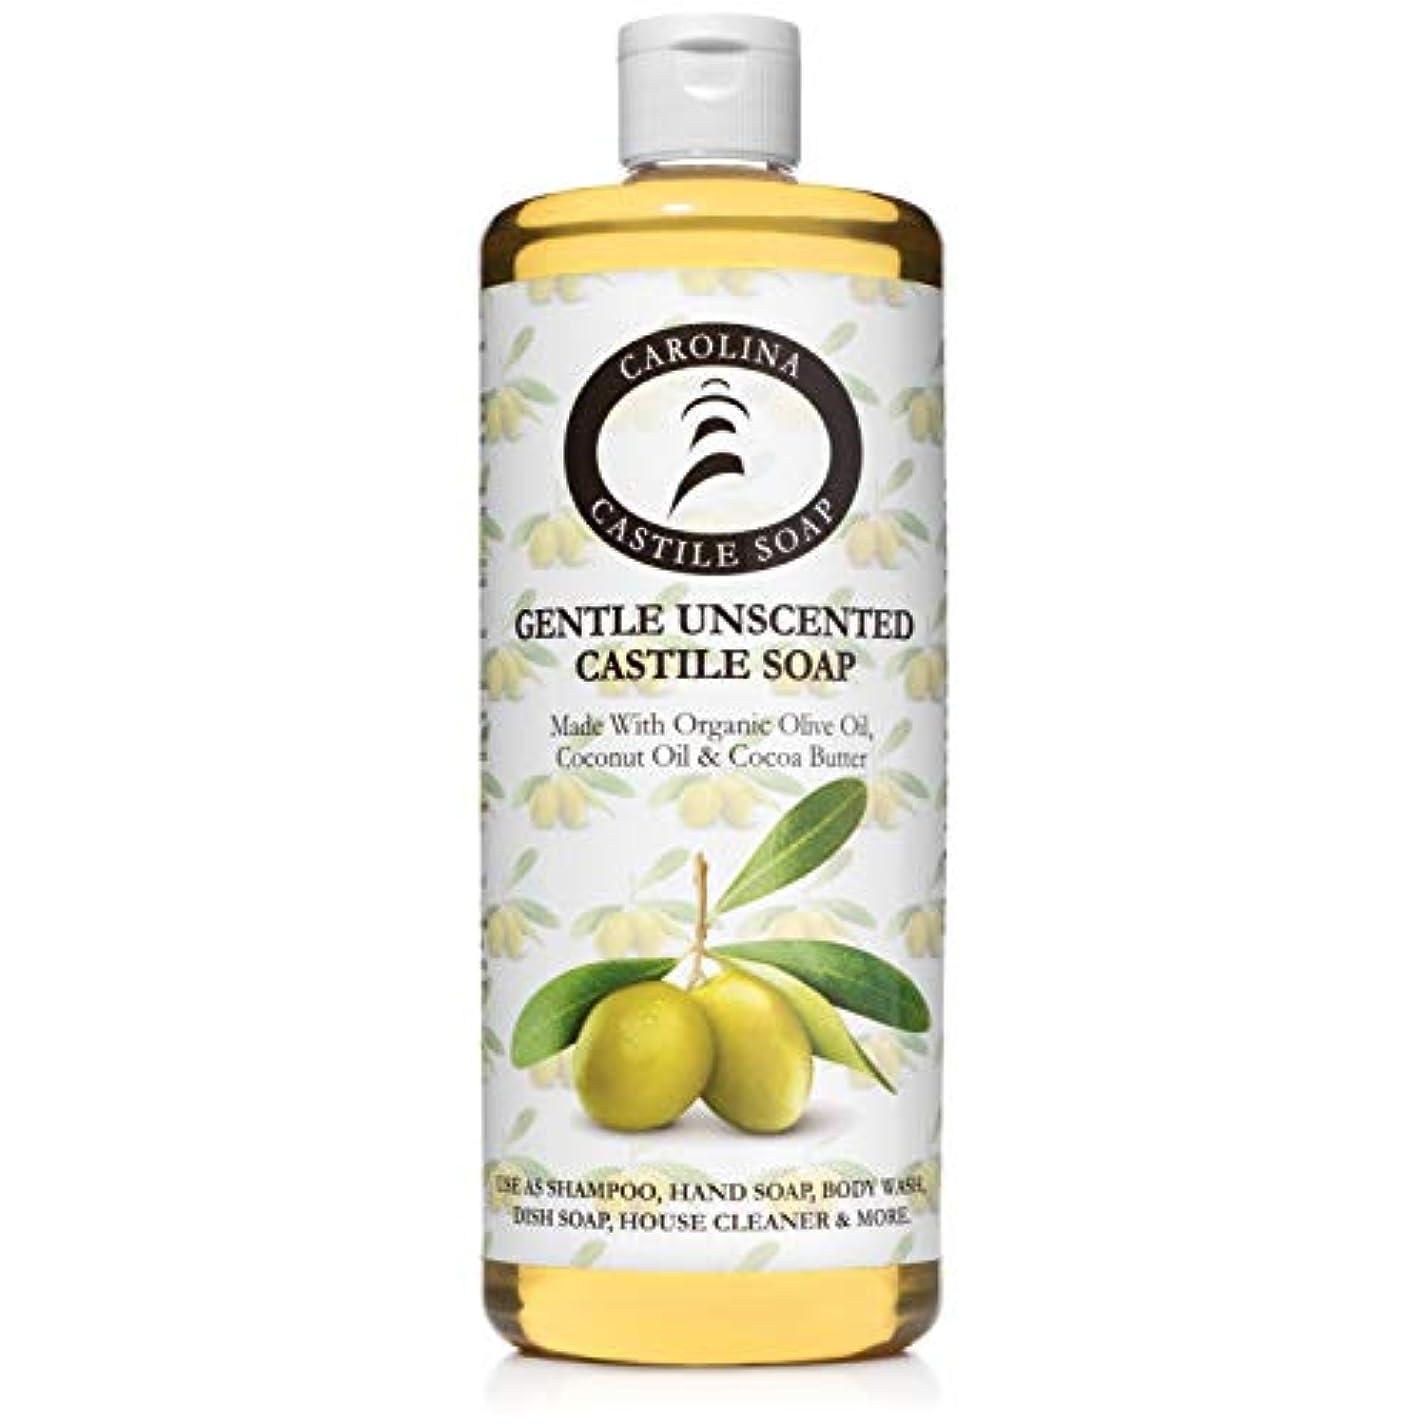 セレナ財政バクテリアCarolina Castile Soap ジェントル無香料認定オーガニック 32オズ